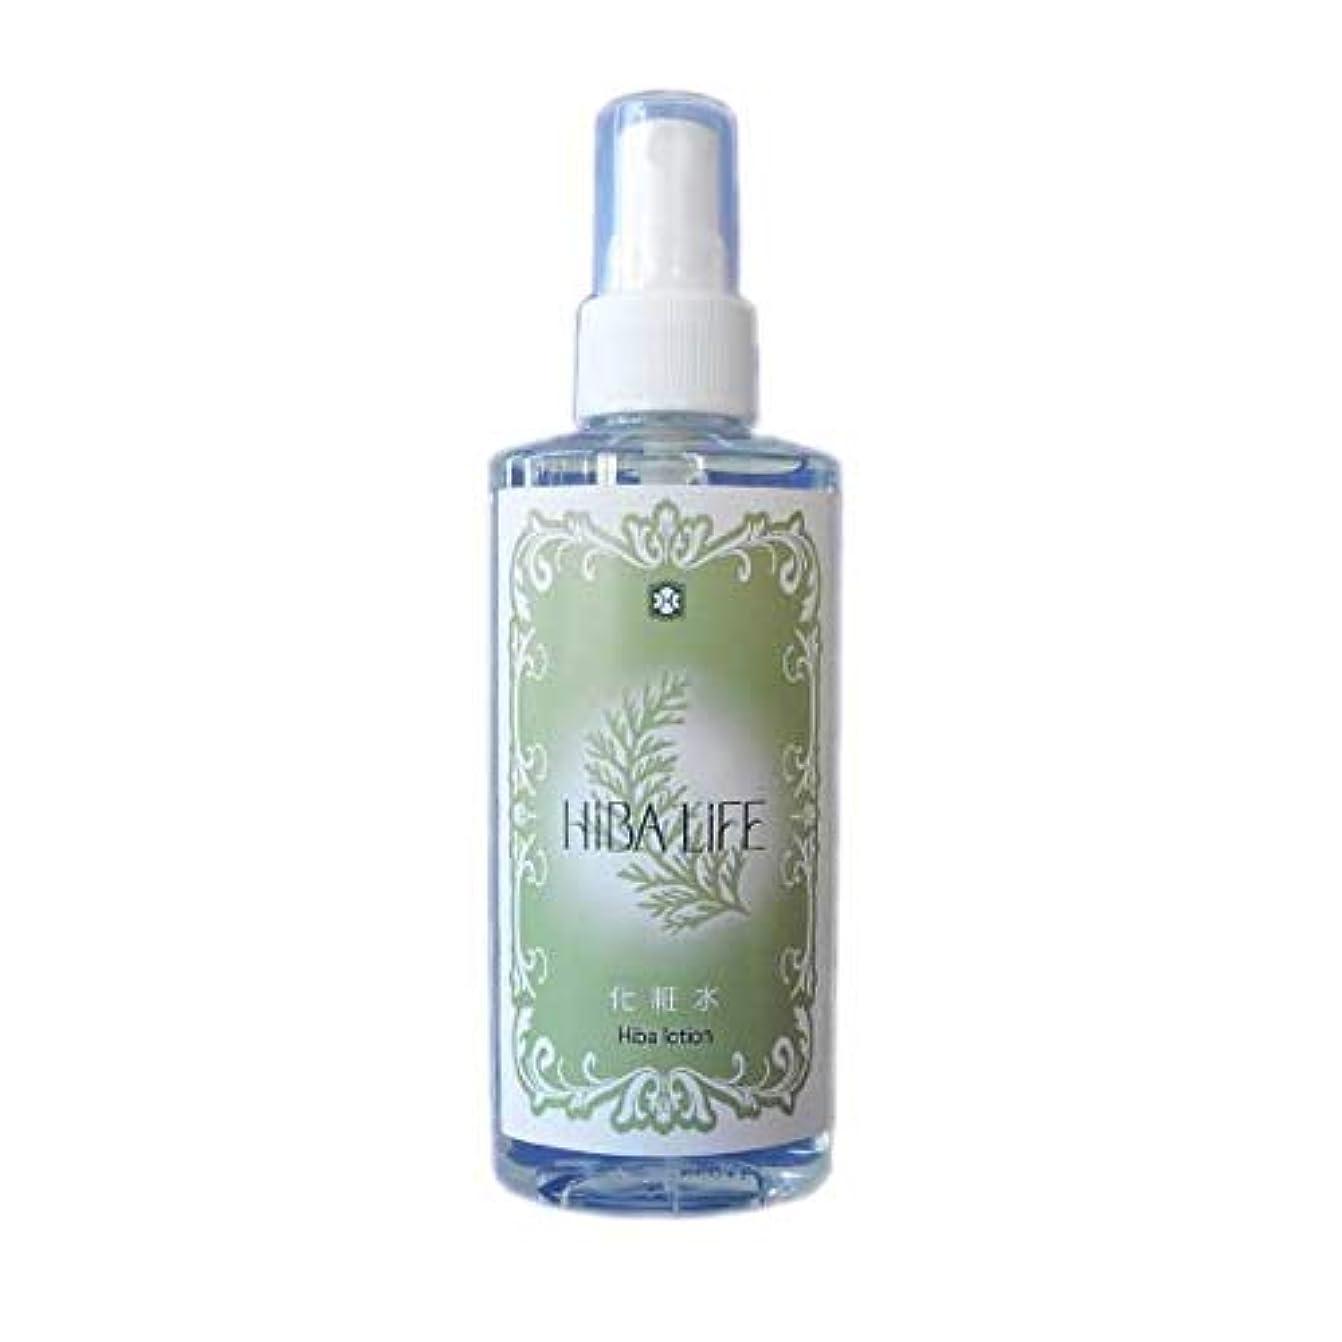 格差発明おしゃれなひばの森化粧水